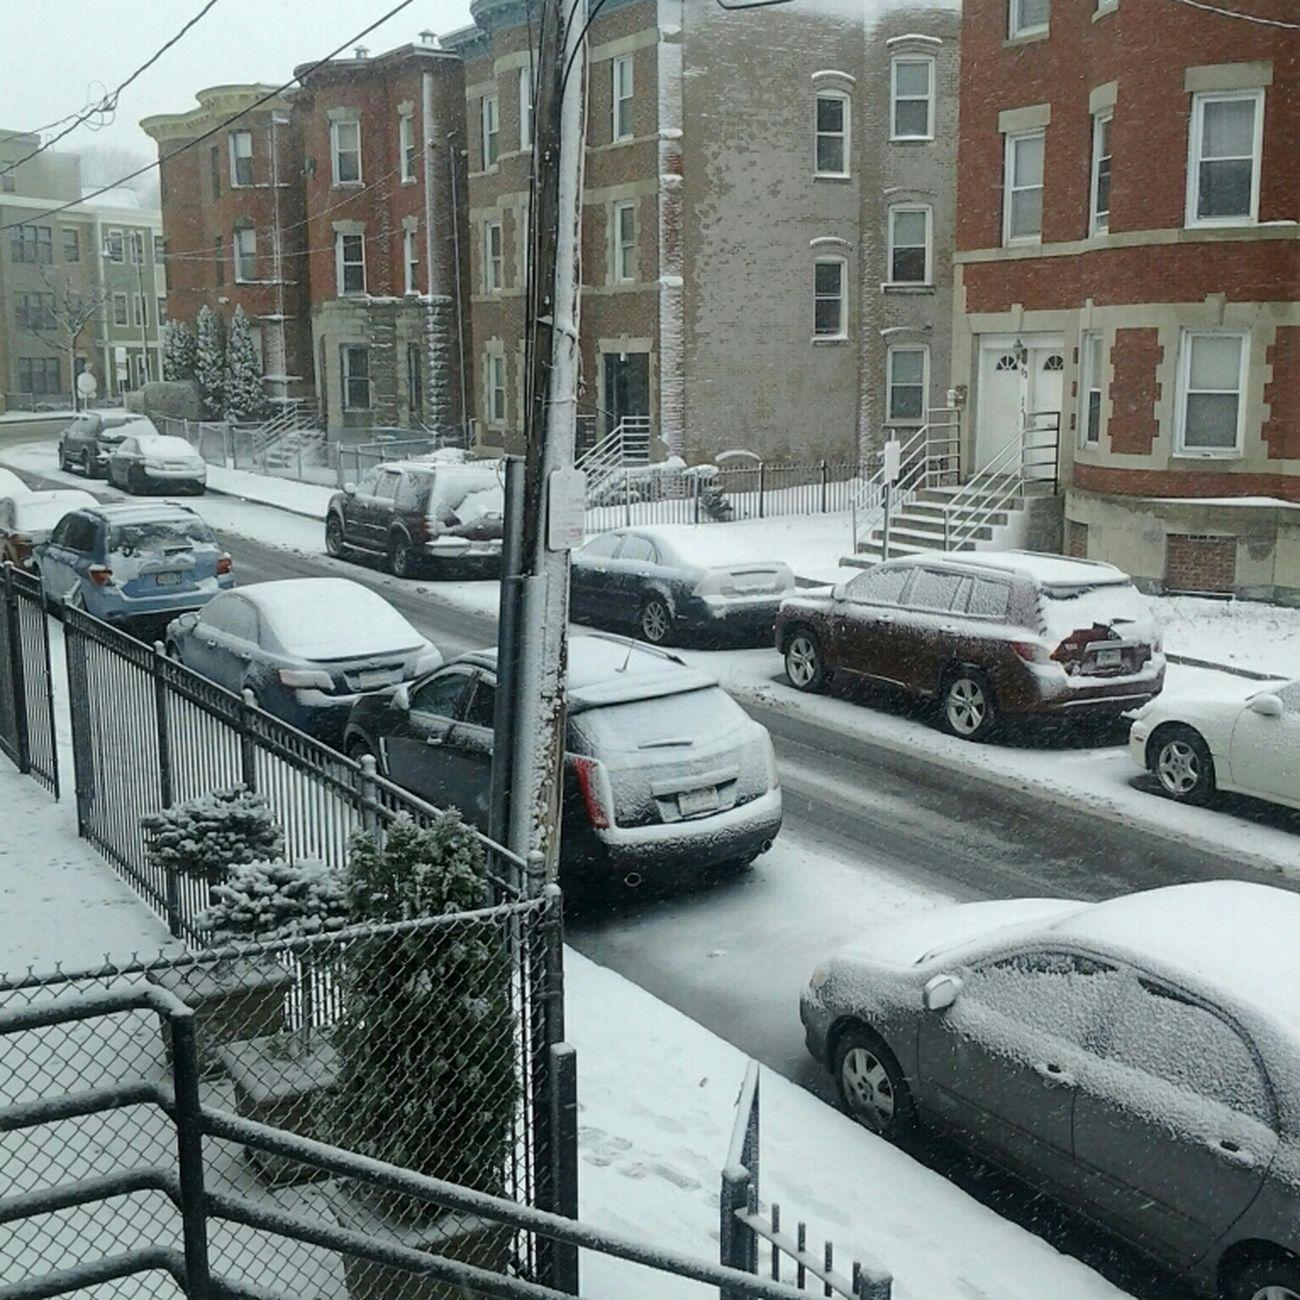 The snow again